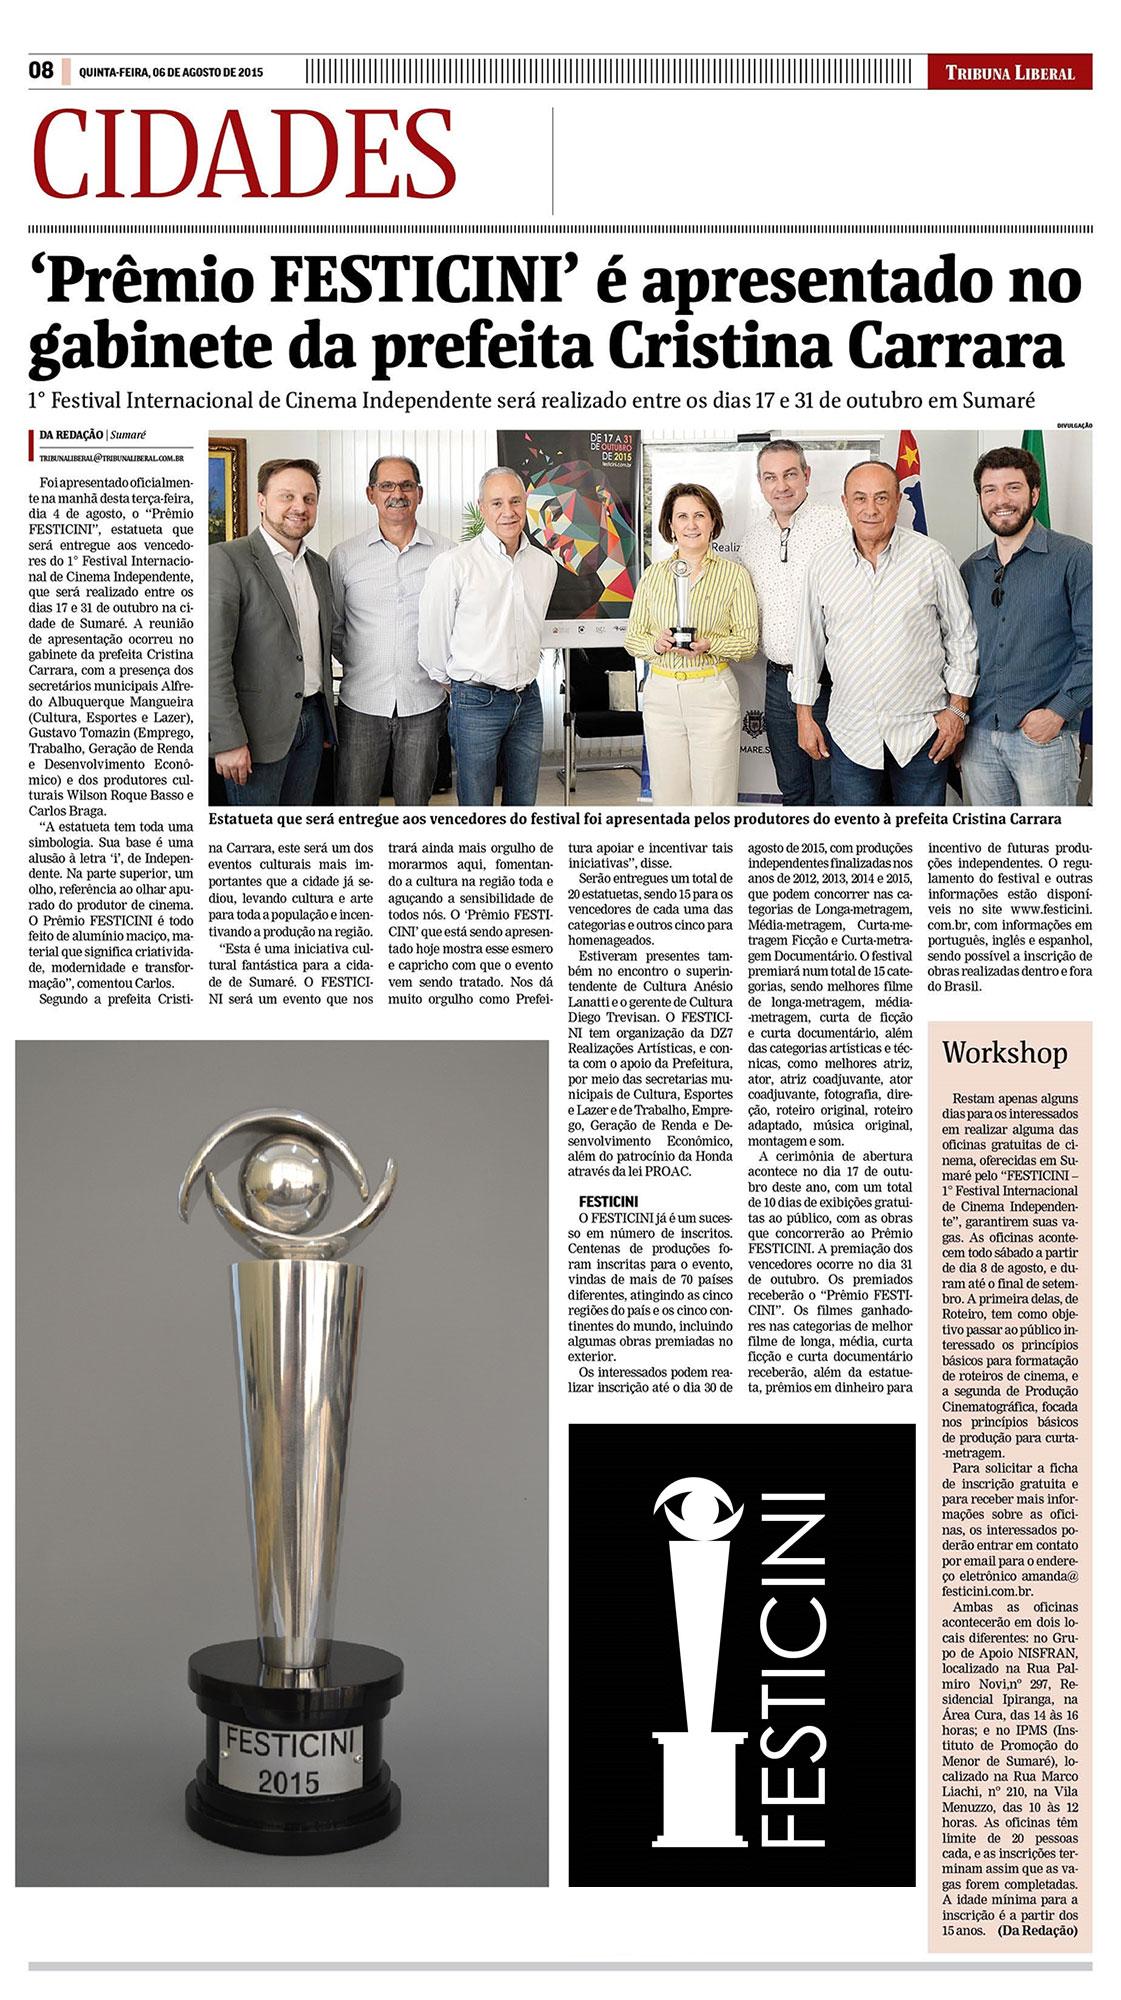 'Prêmio FESTICINI' é apresentado no gabinete da prefeita Cristina Carrara